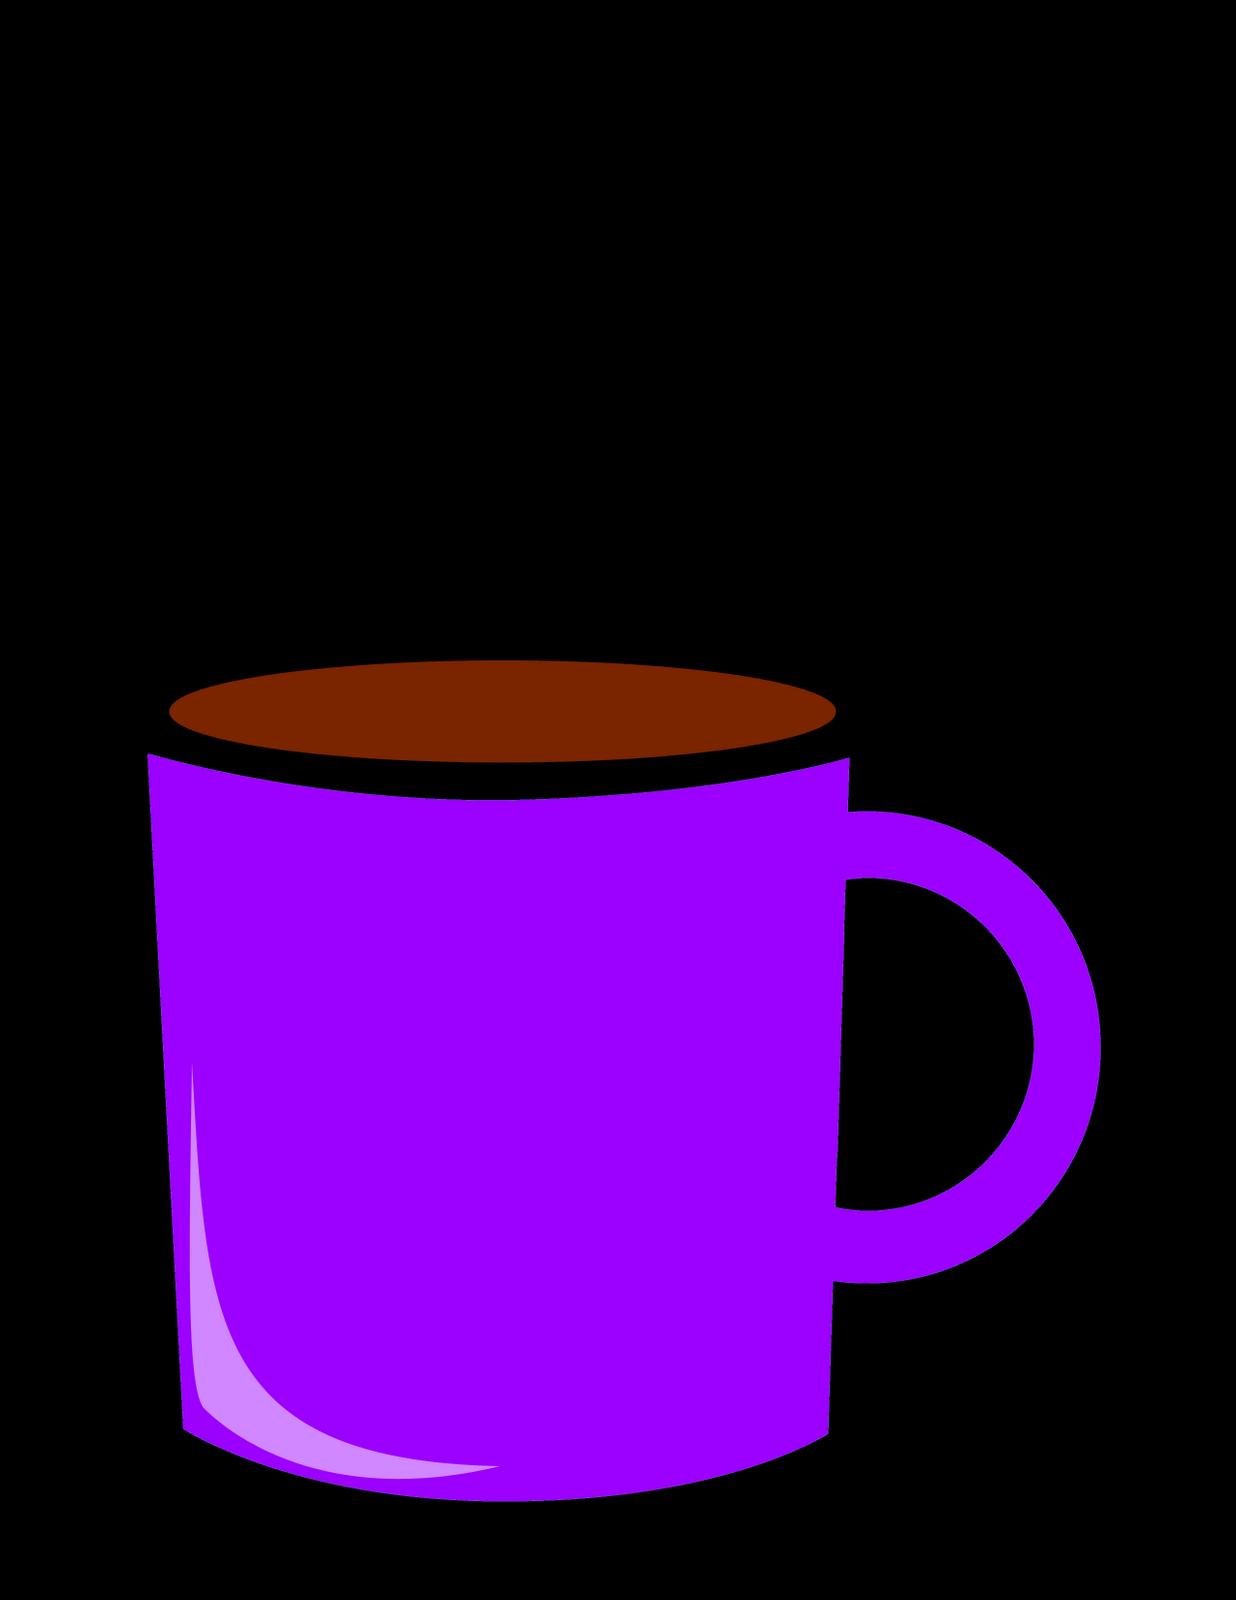 Hot Cocoa Clip Art Clipart Best-Hot Cocoa Clip Art Clipart Best-9